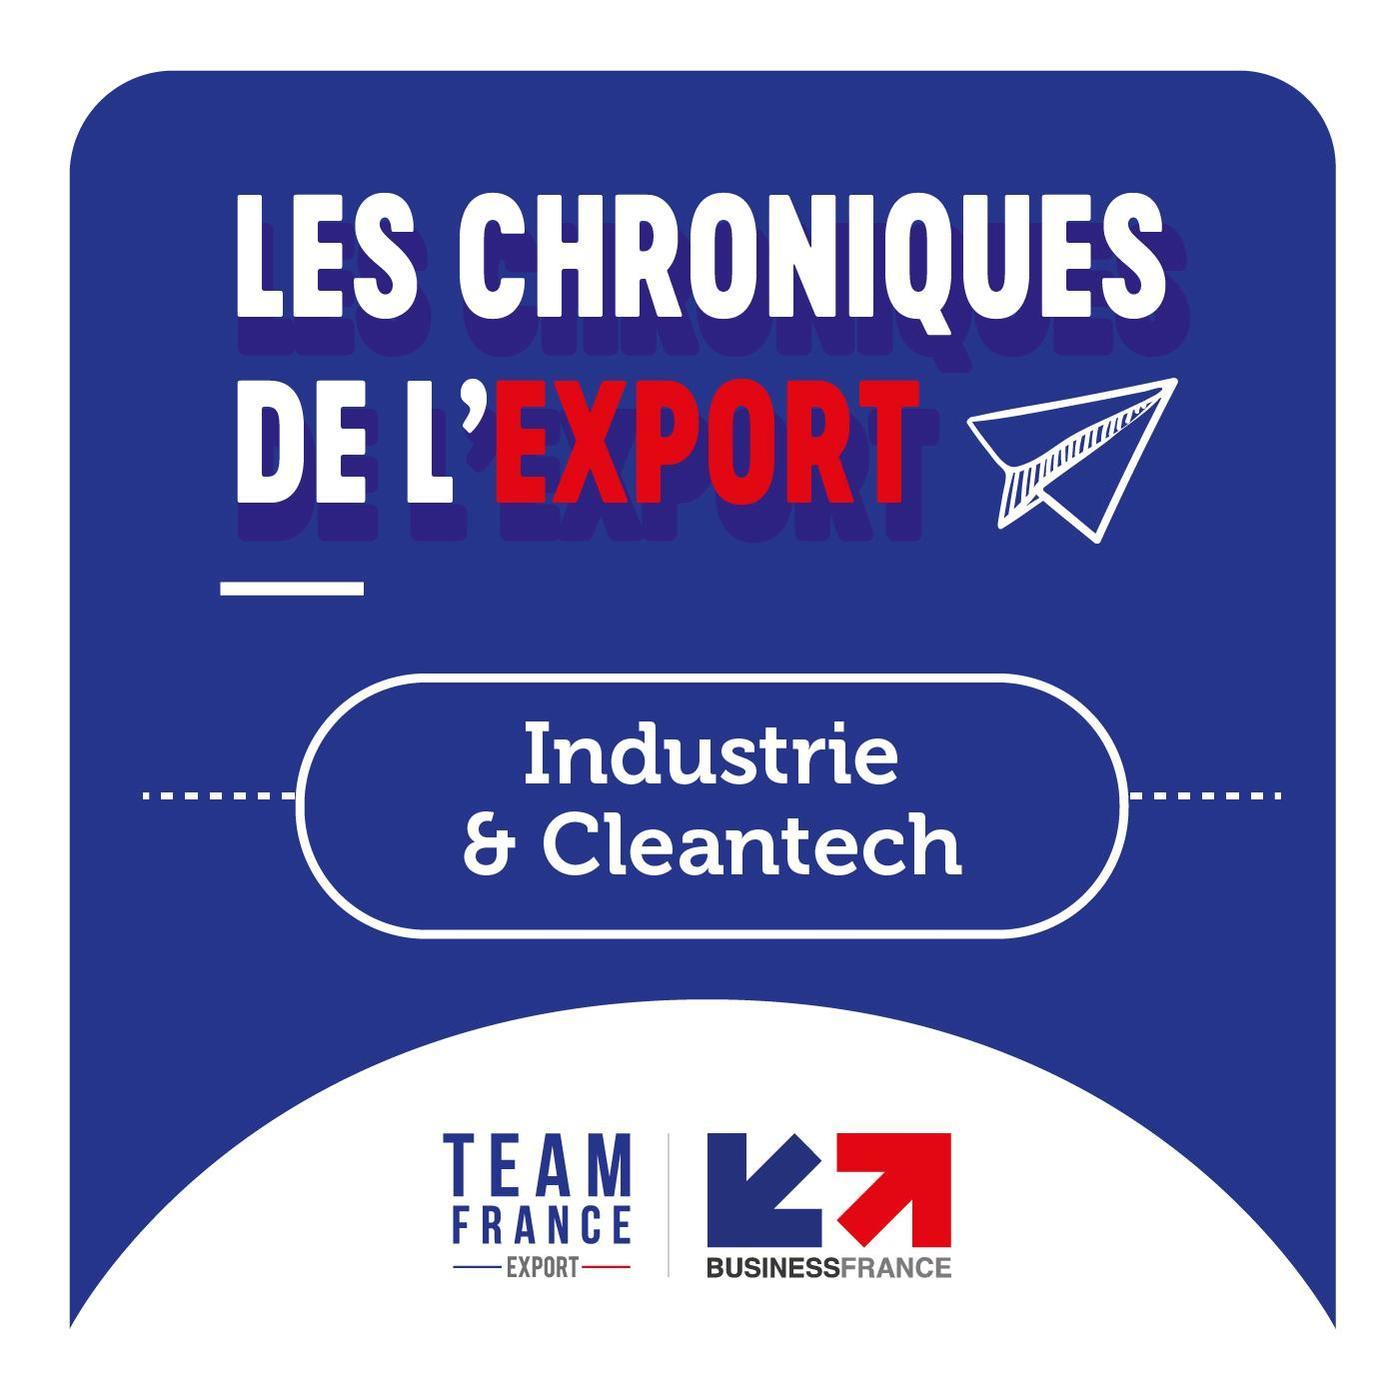 Les Chroniques de l'Export : Industries & Cleantech